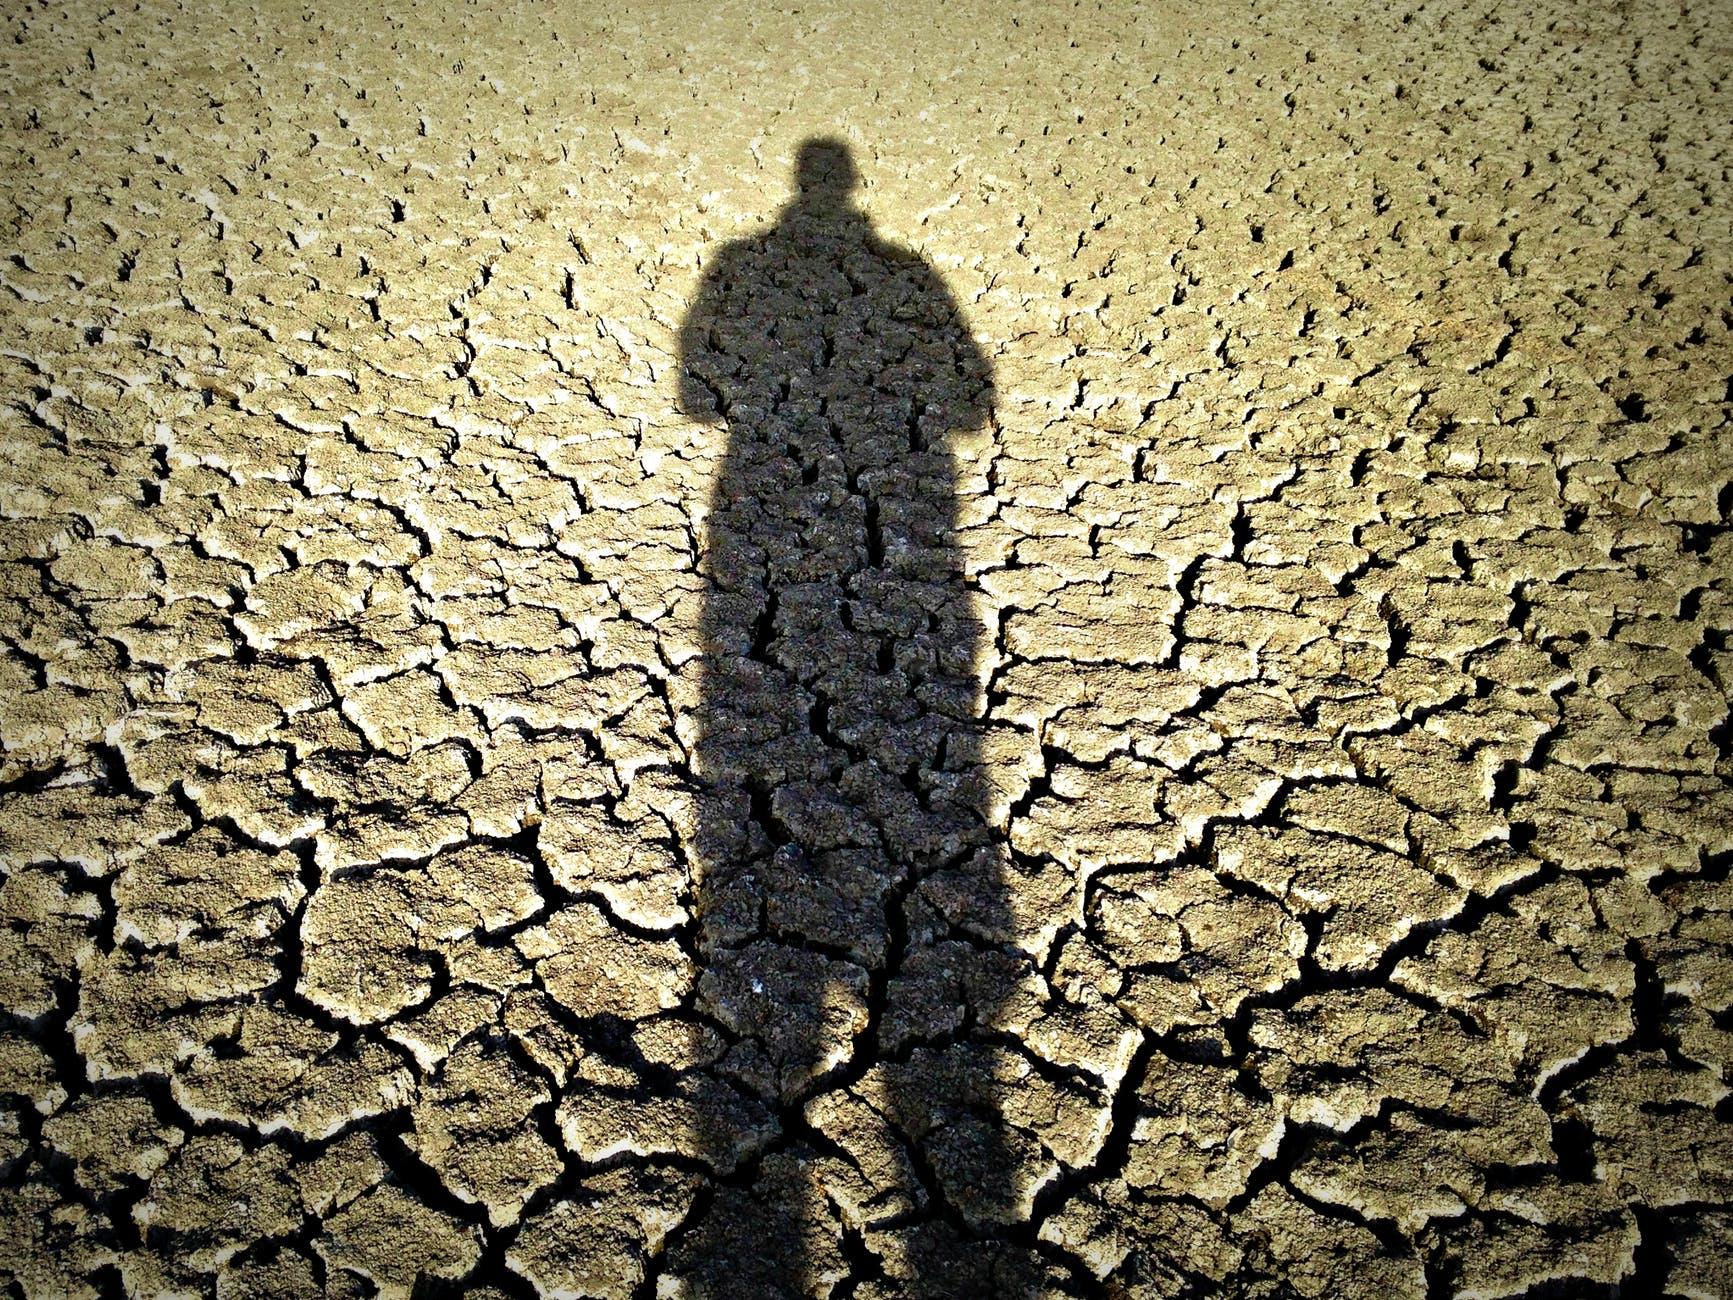 Сани уже не нужны, а летом следует готовиться к засухе: популярно об изменении климата геополитика